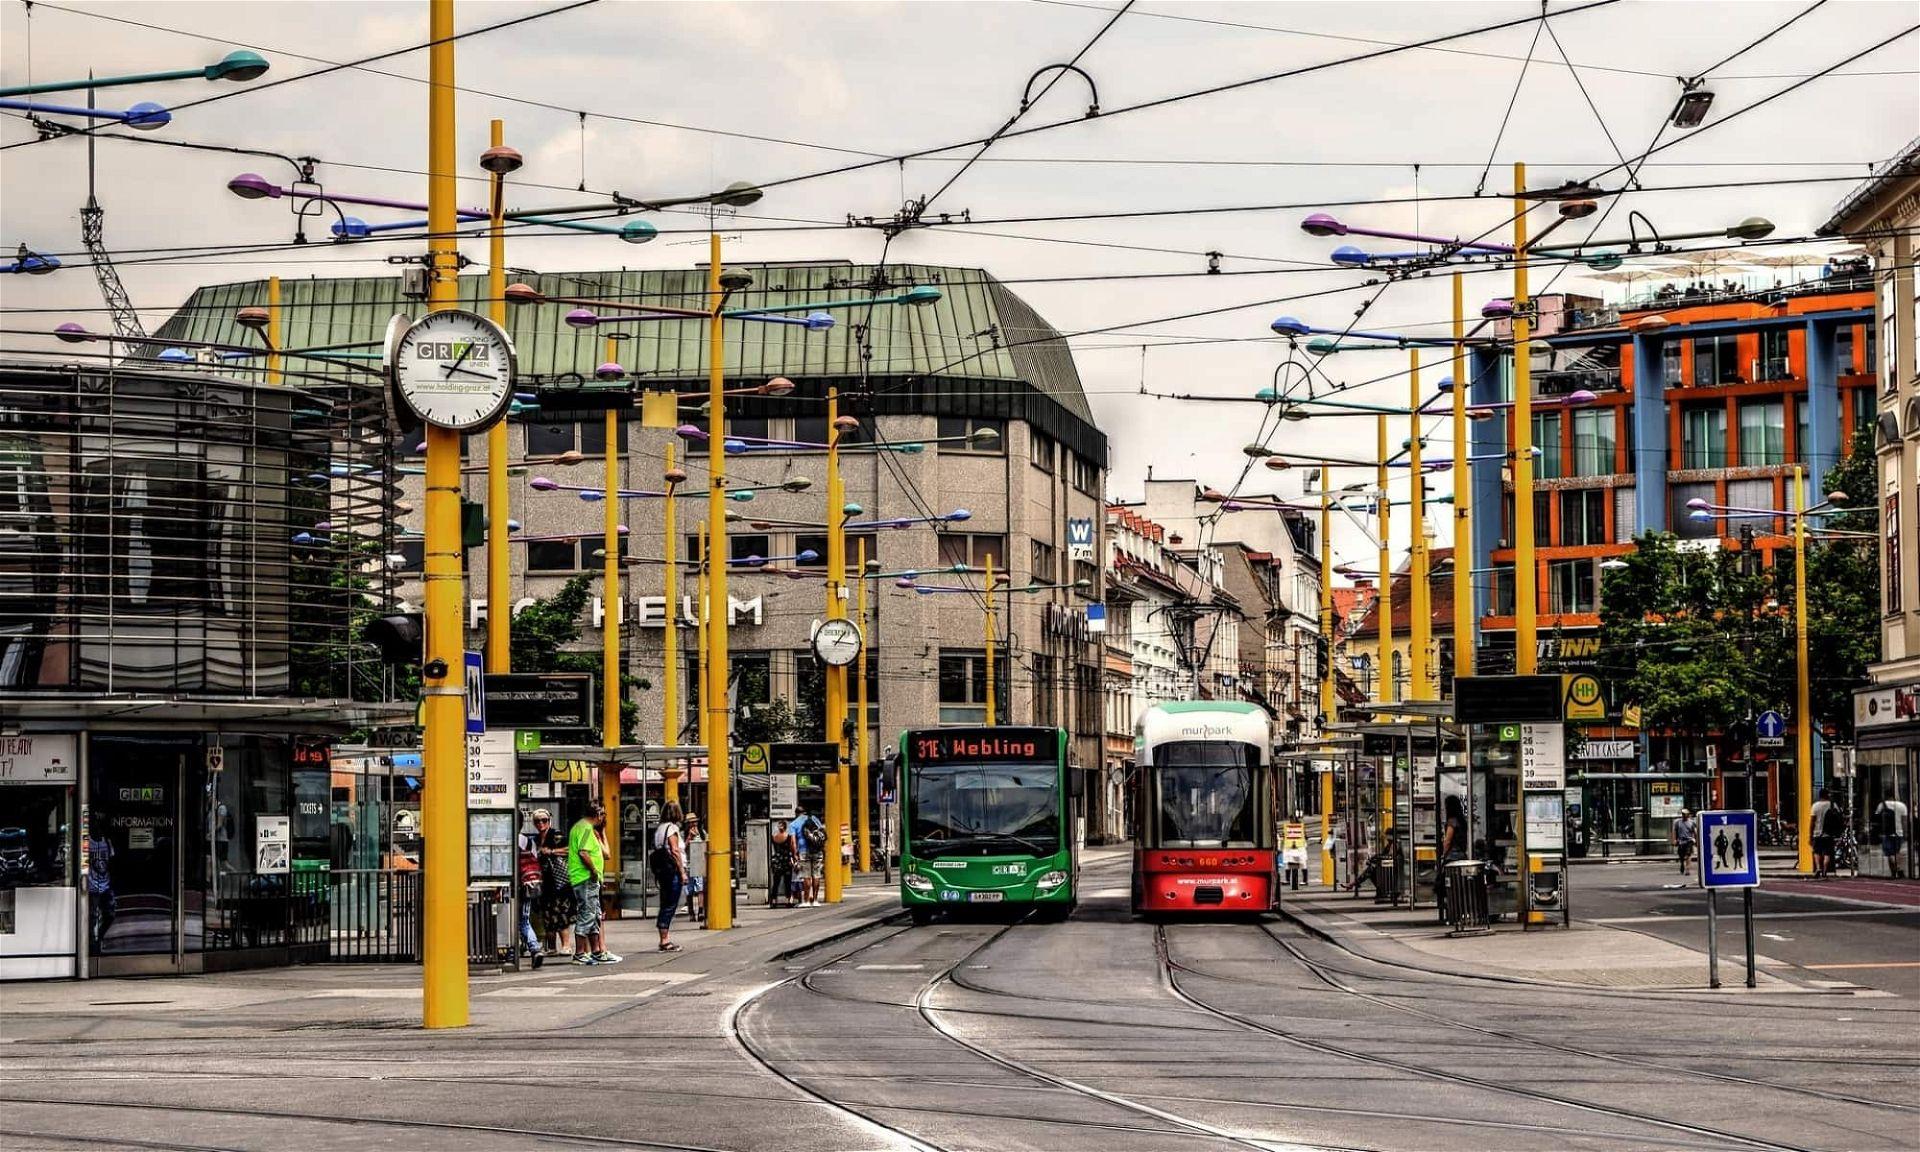 Typisch Graz